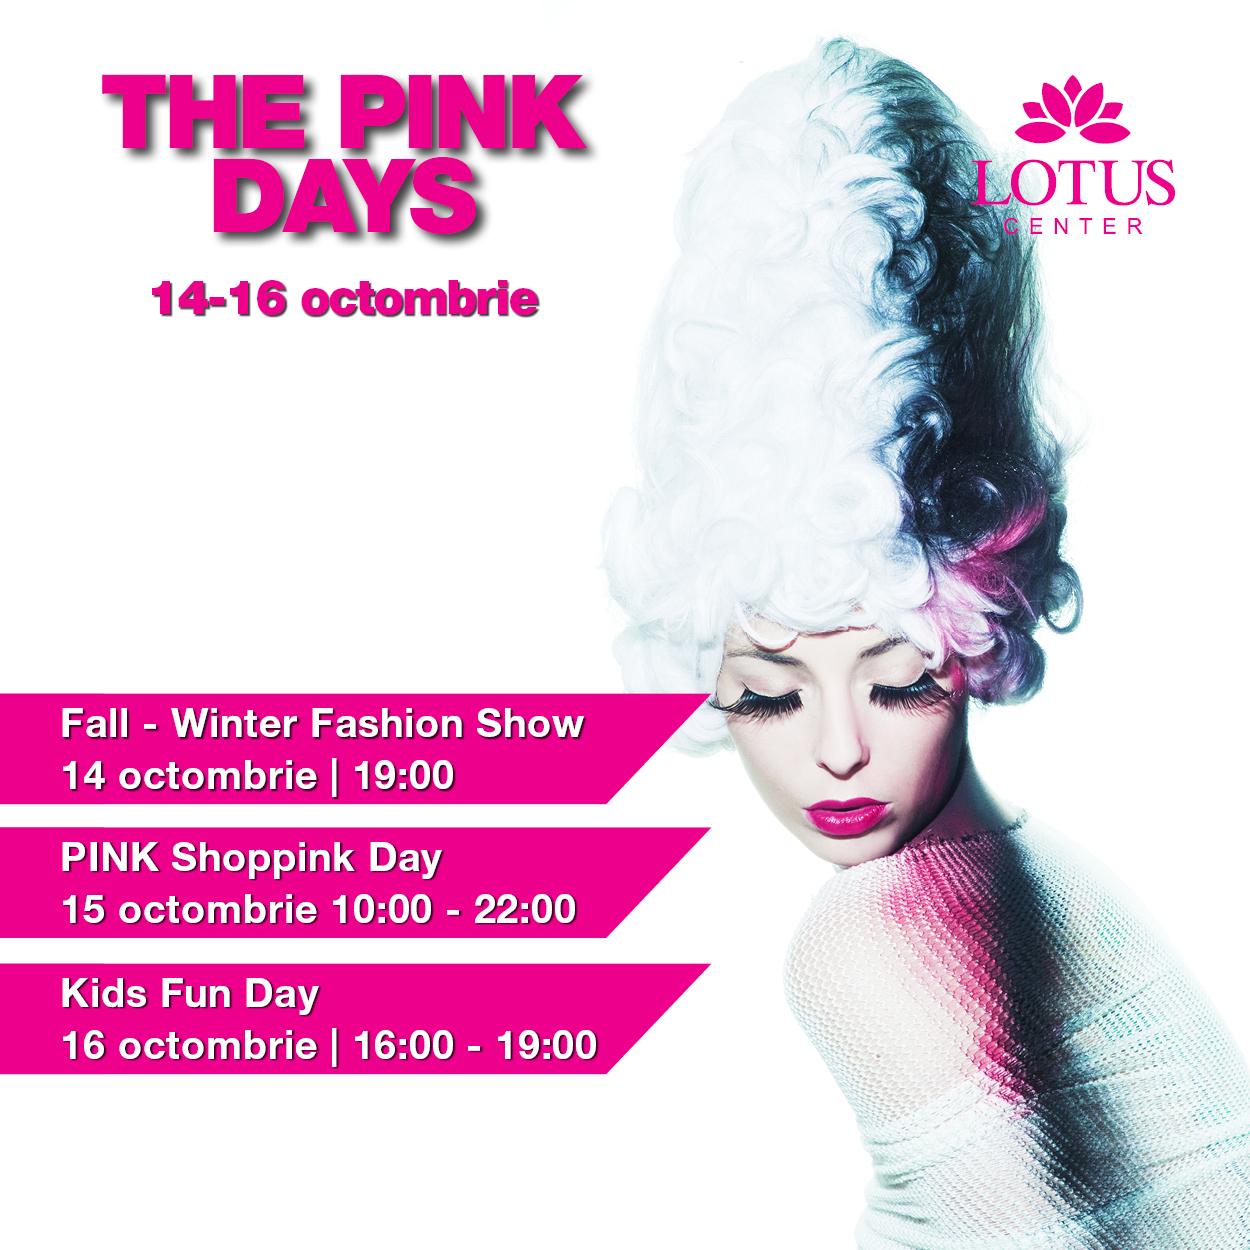 the pink days macheta generala 2016_2